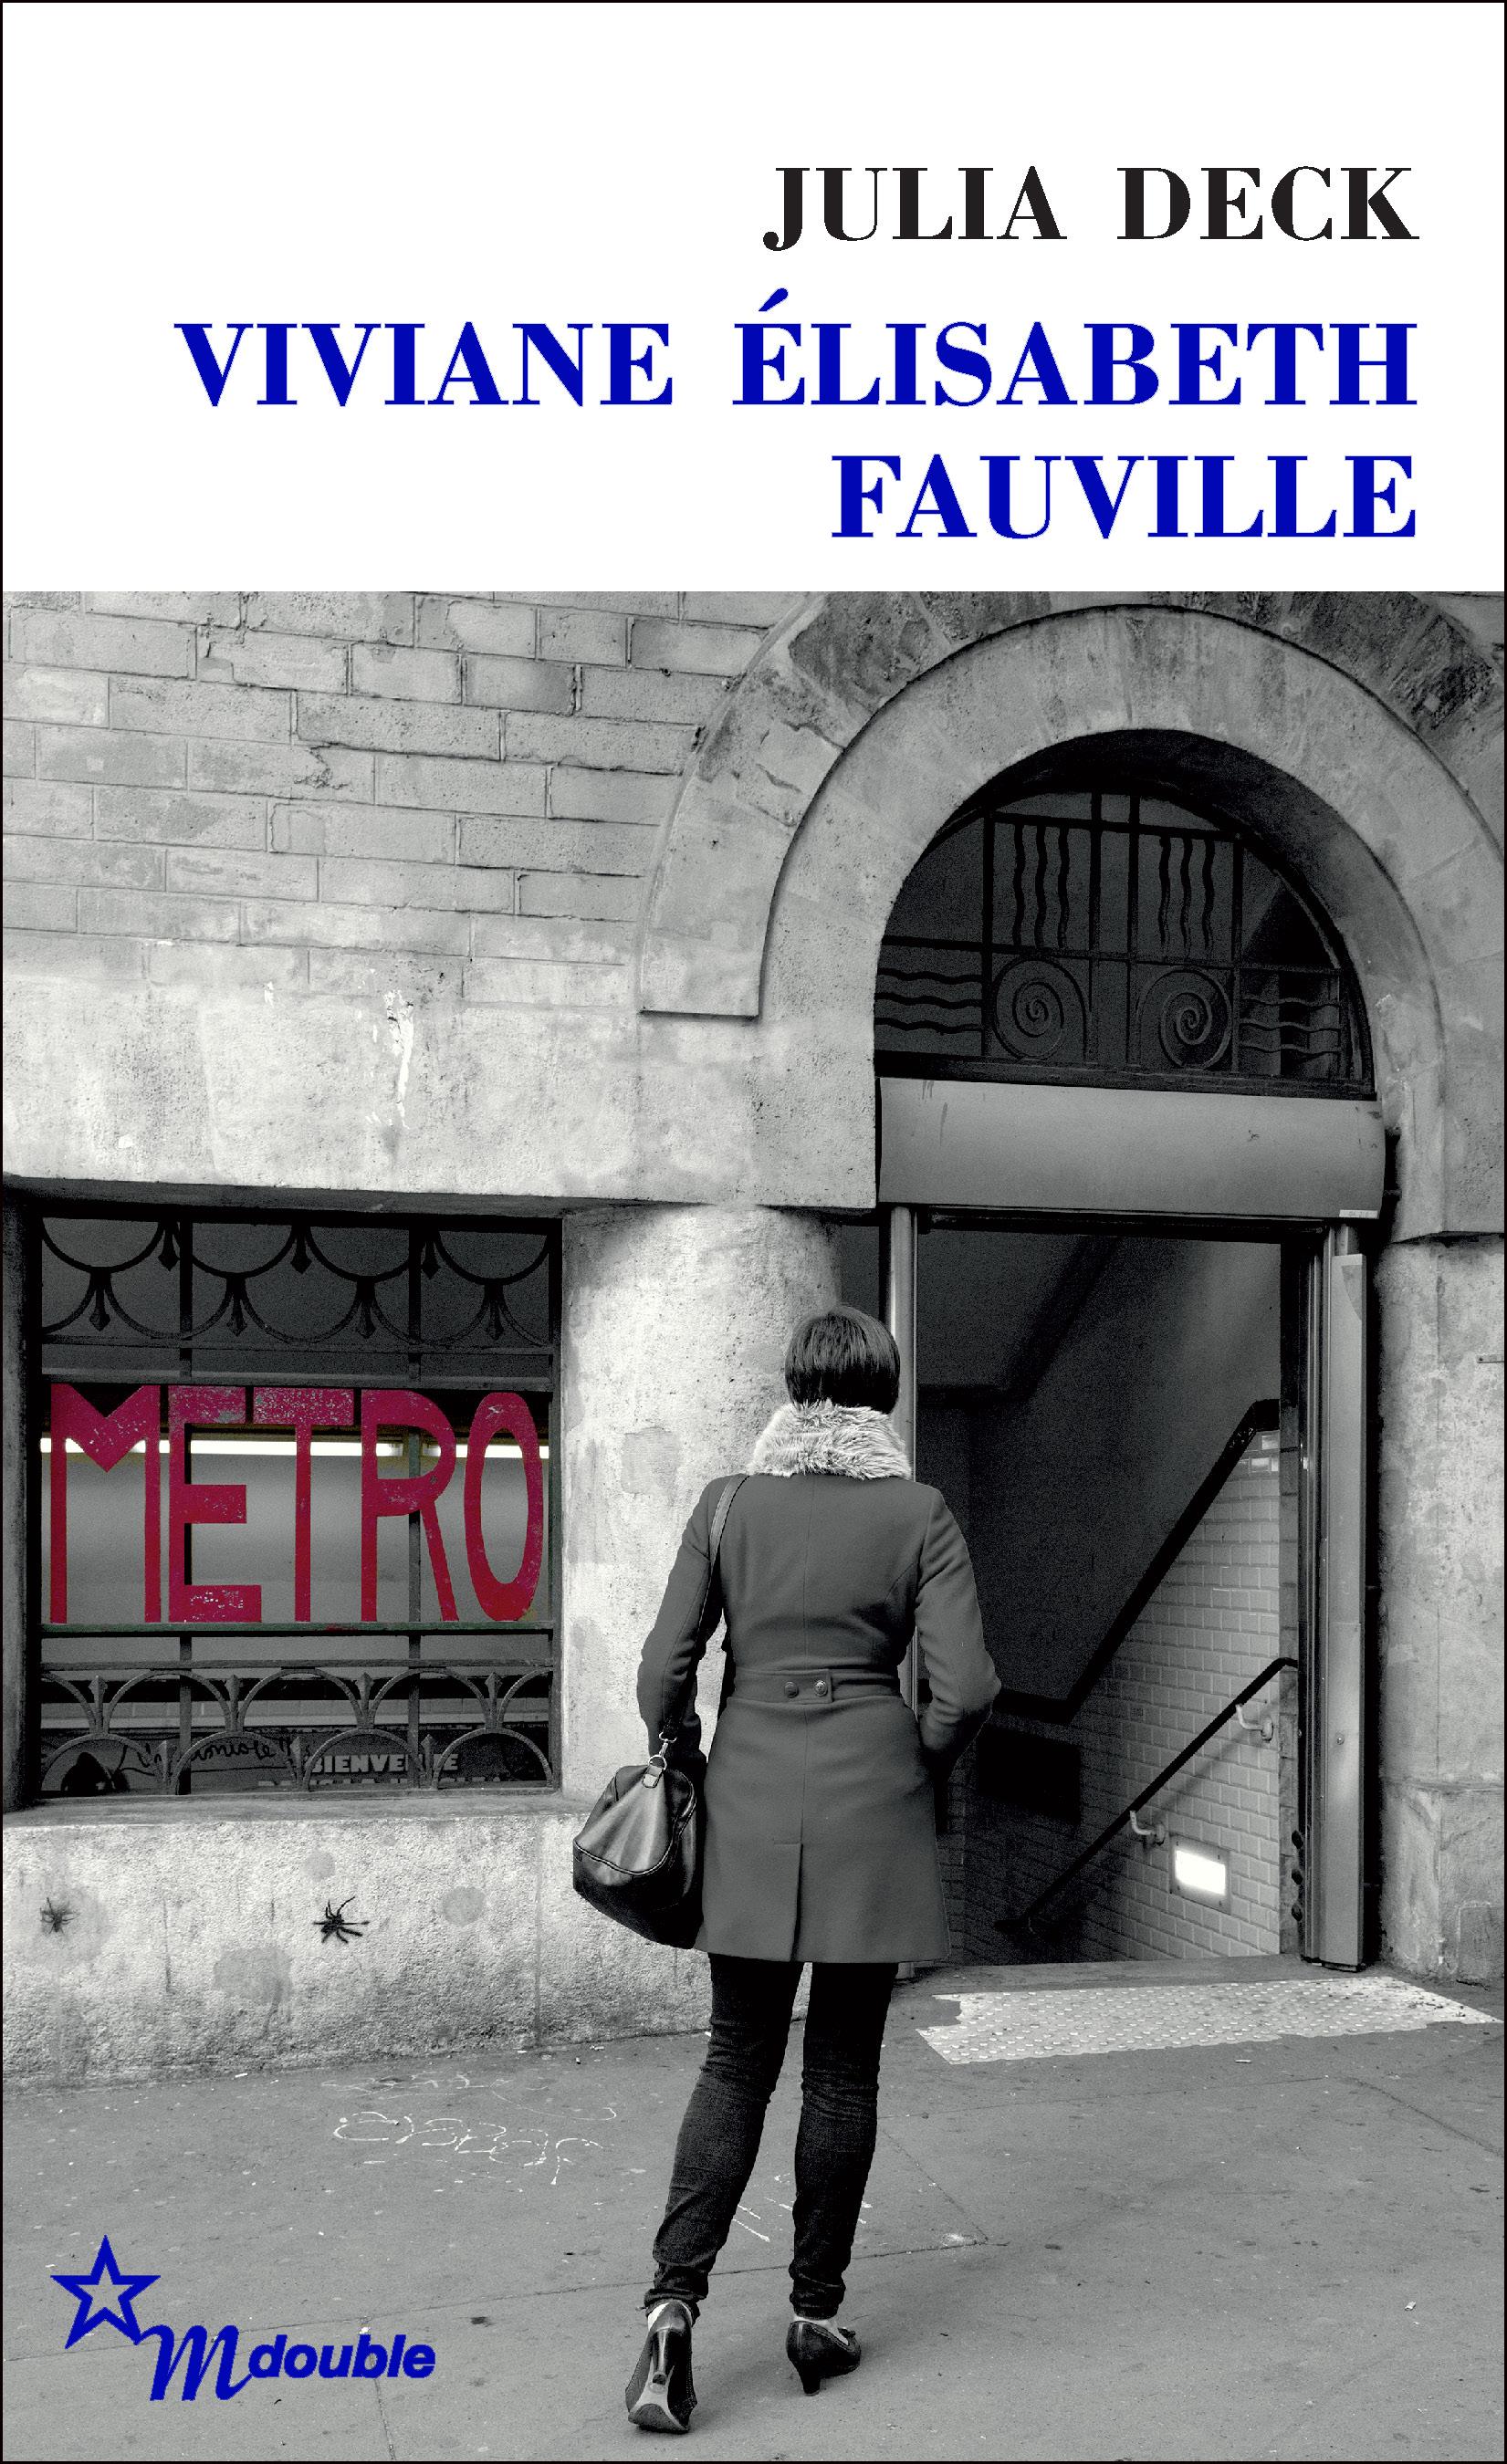 Viviane Élisabeth Fauville | Deck, Julia